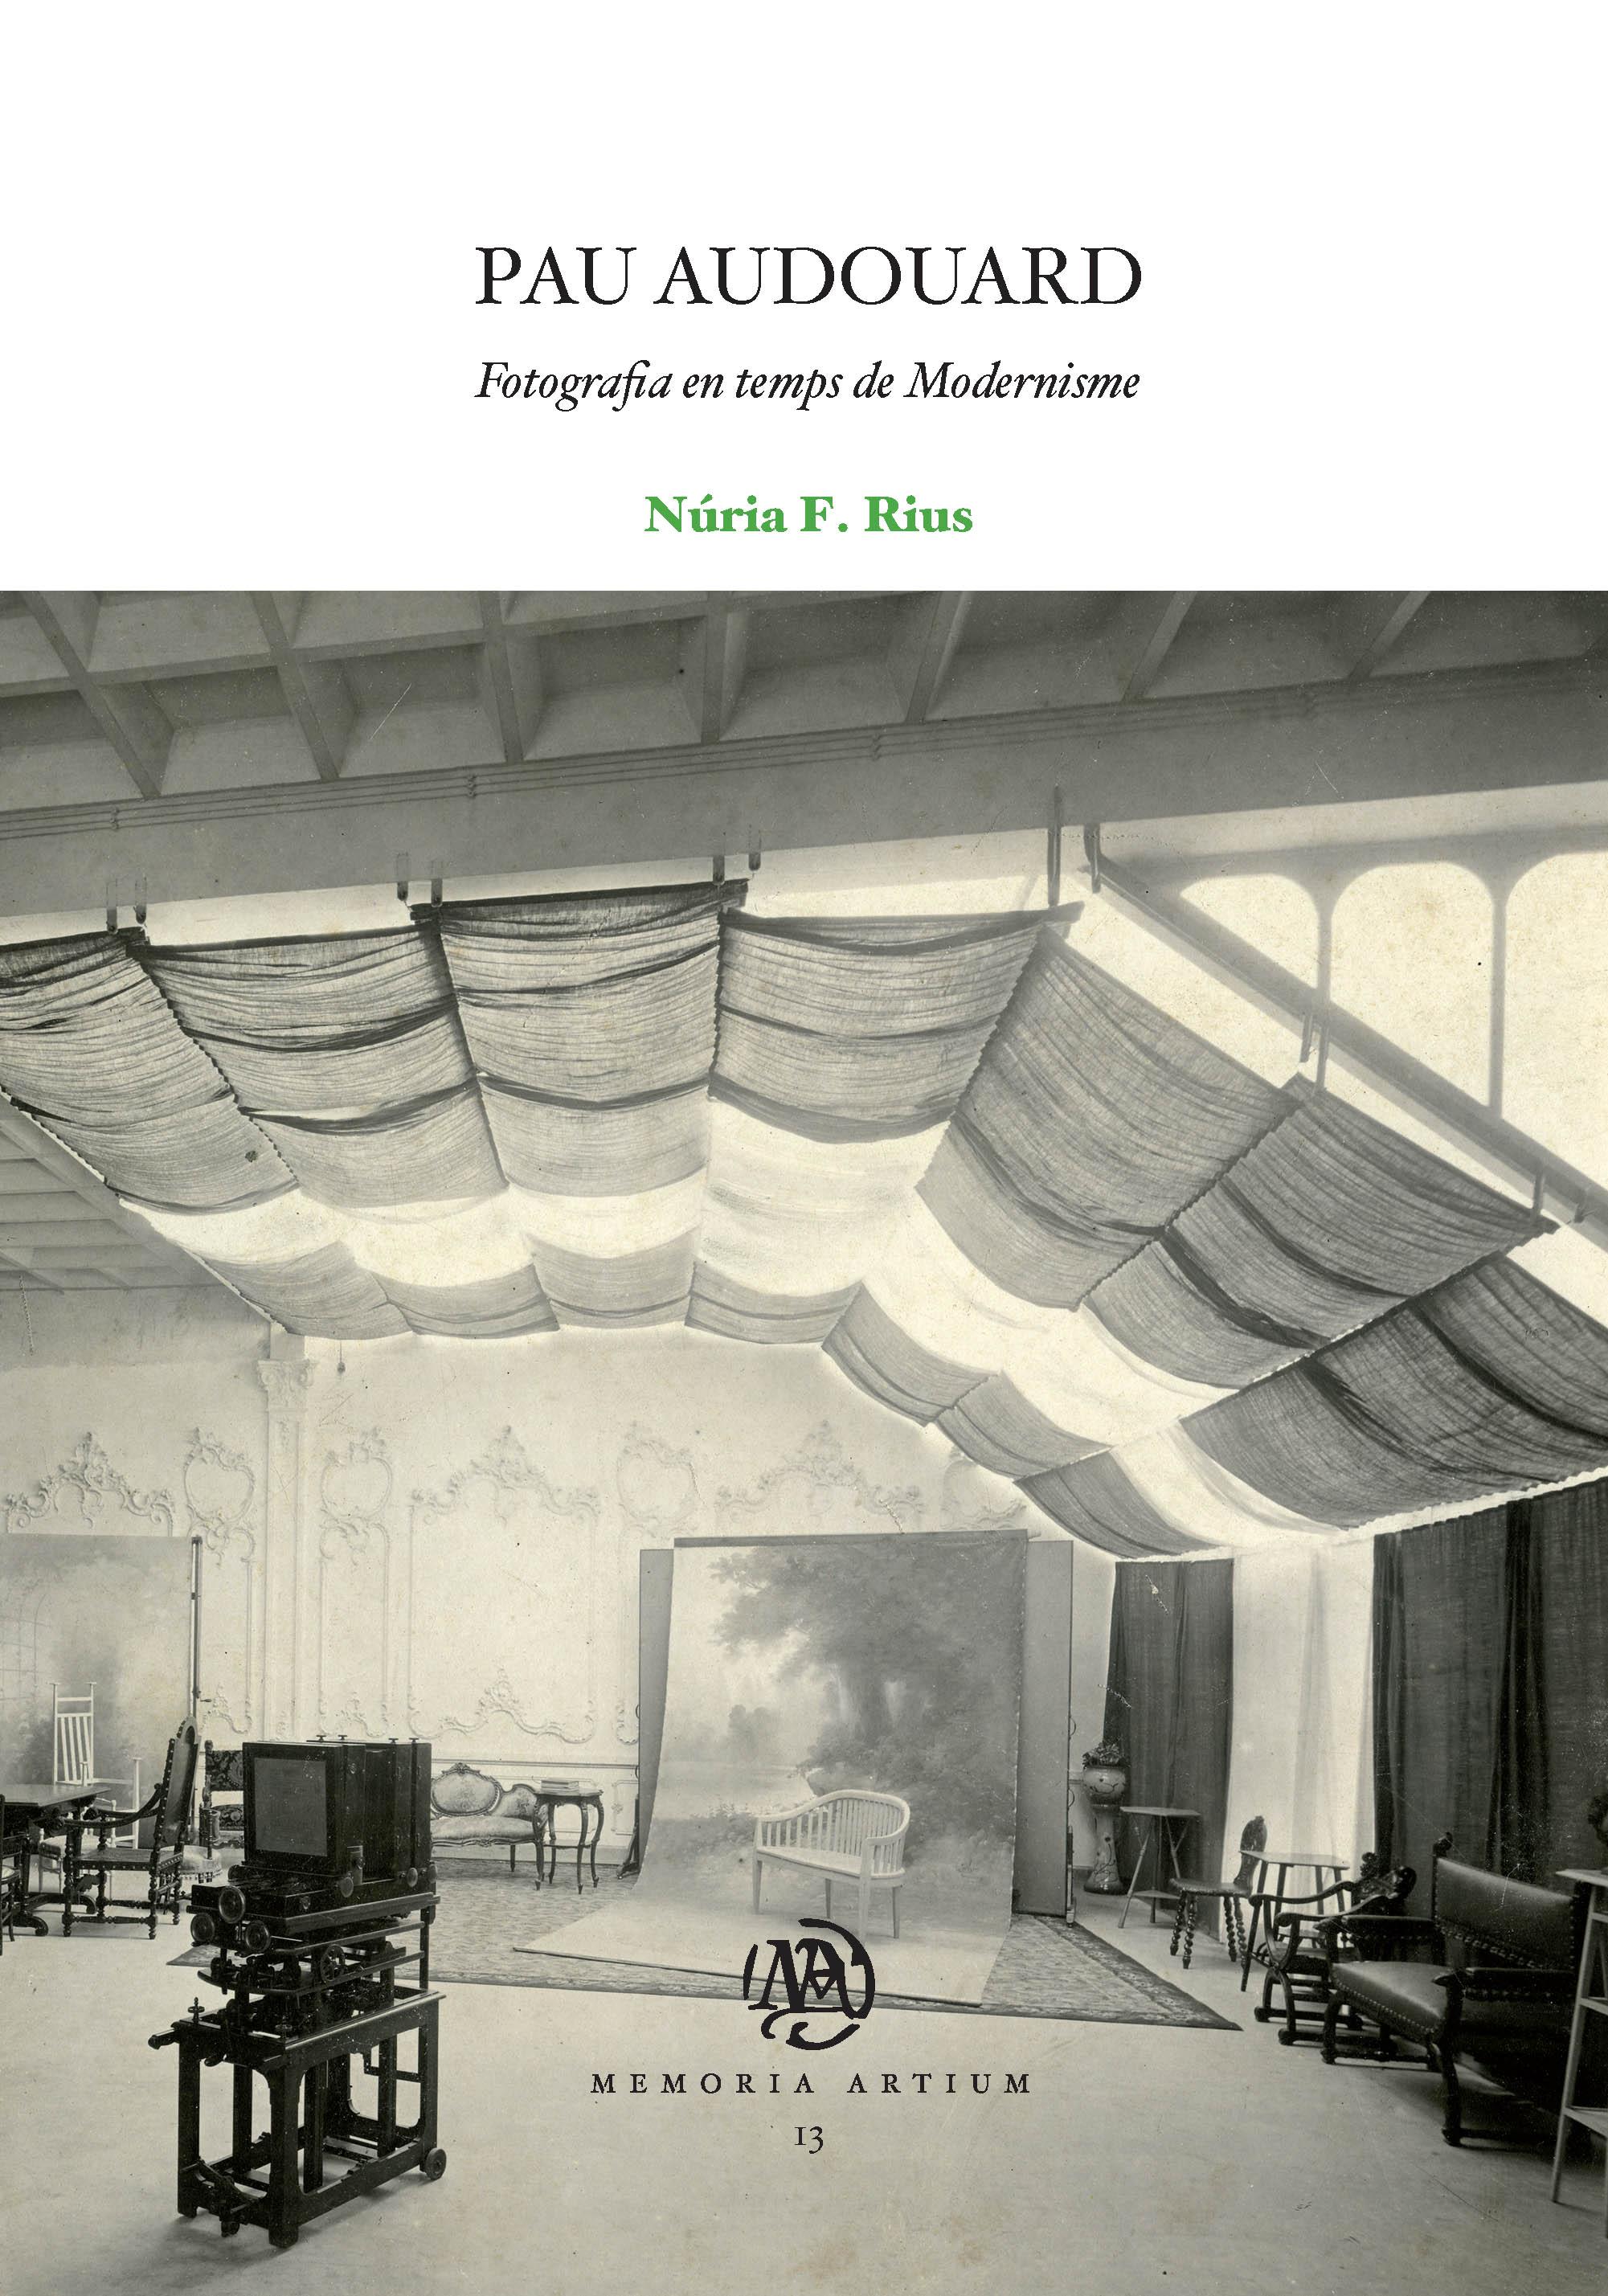 Pau Audouard (coberta)